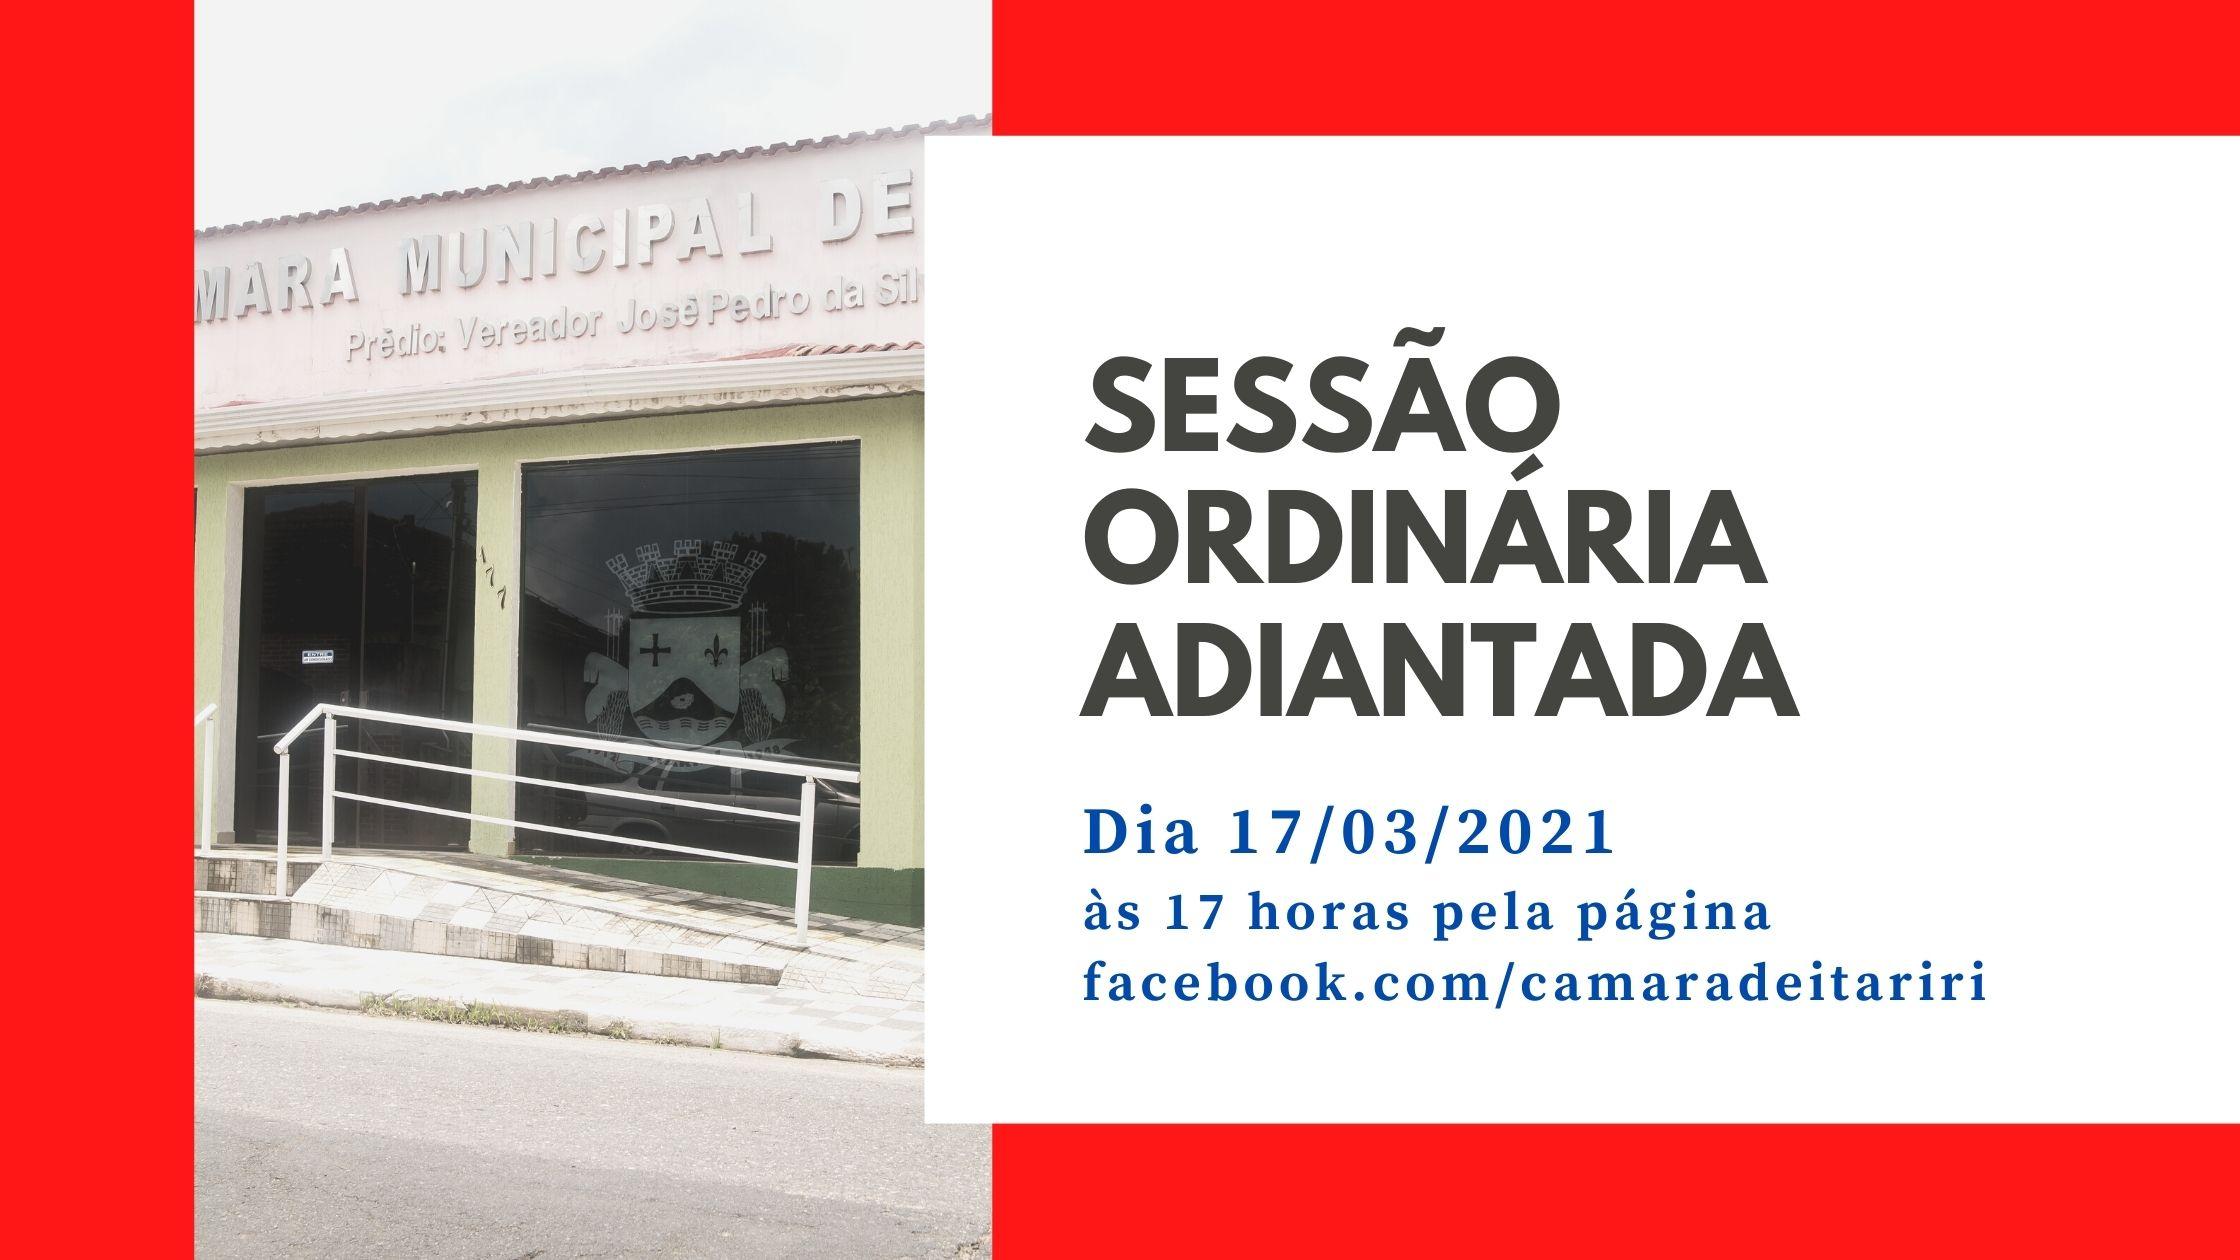 COM MUDANÇA NO HORÁRIO, CÂMARA REALIZA SESSÃO ORDINÁRIA NESTA QUARTA-FEIRA (17)